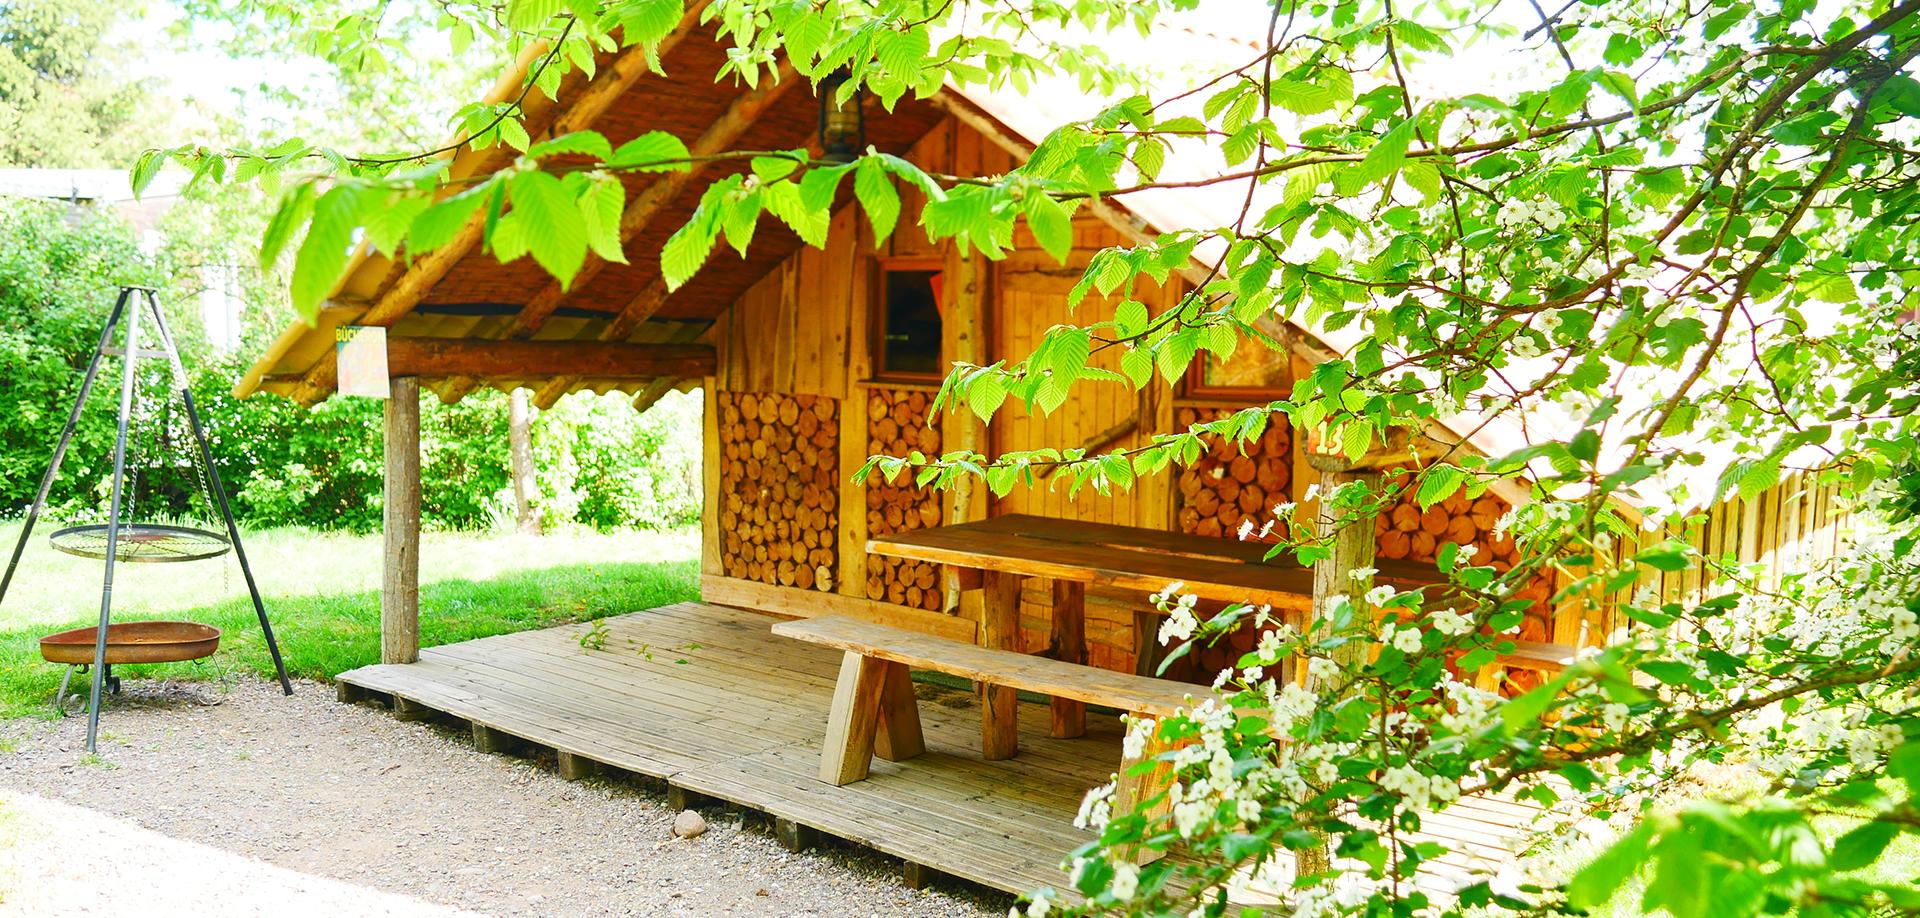 h bergement insolite cabane en alsace camping les castors. Black Bedroom Furniture Sets. Home Design Ideas